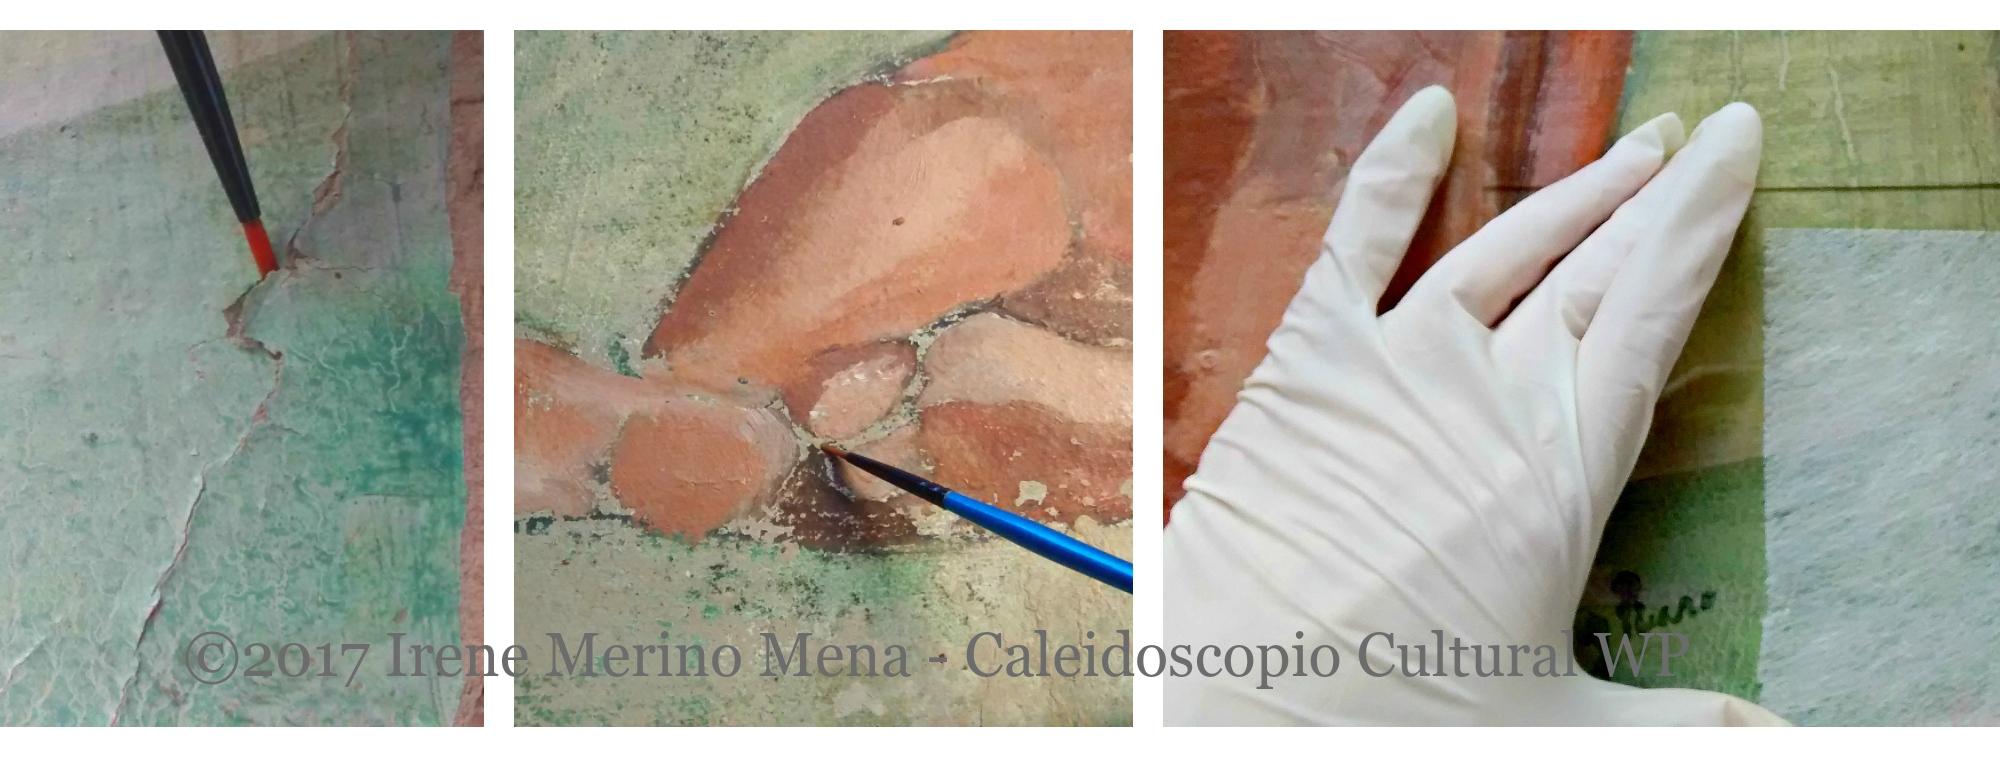 ©2017 Irene Merino Mena - Caleidoscopio Cultural WP